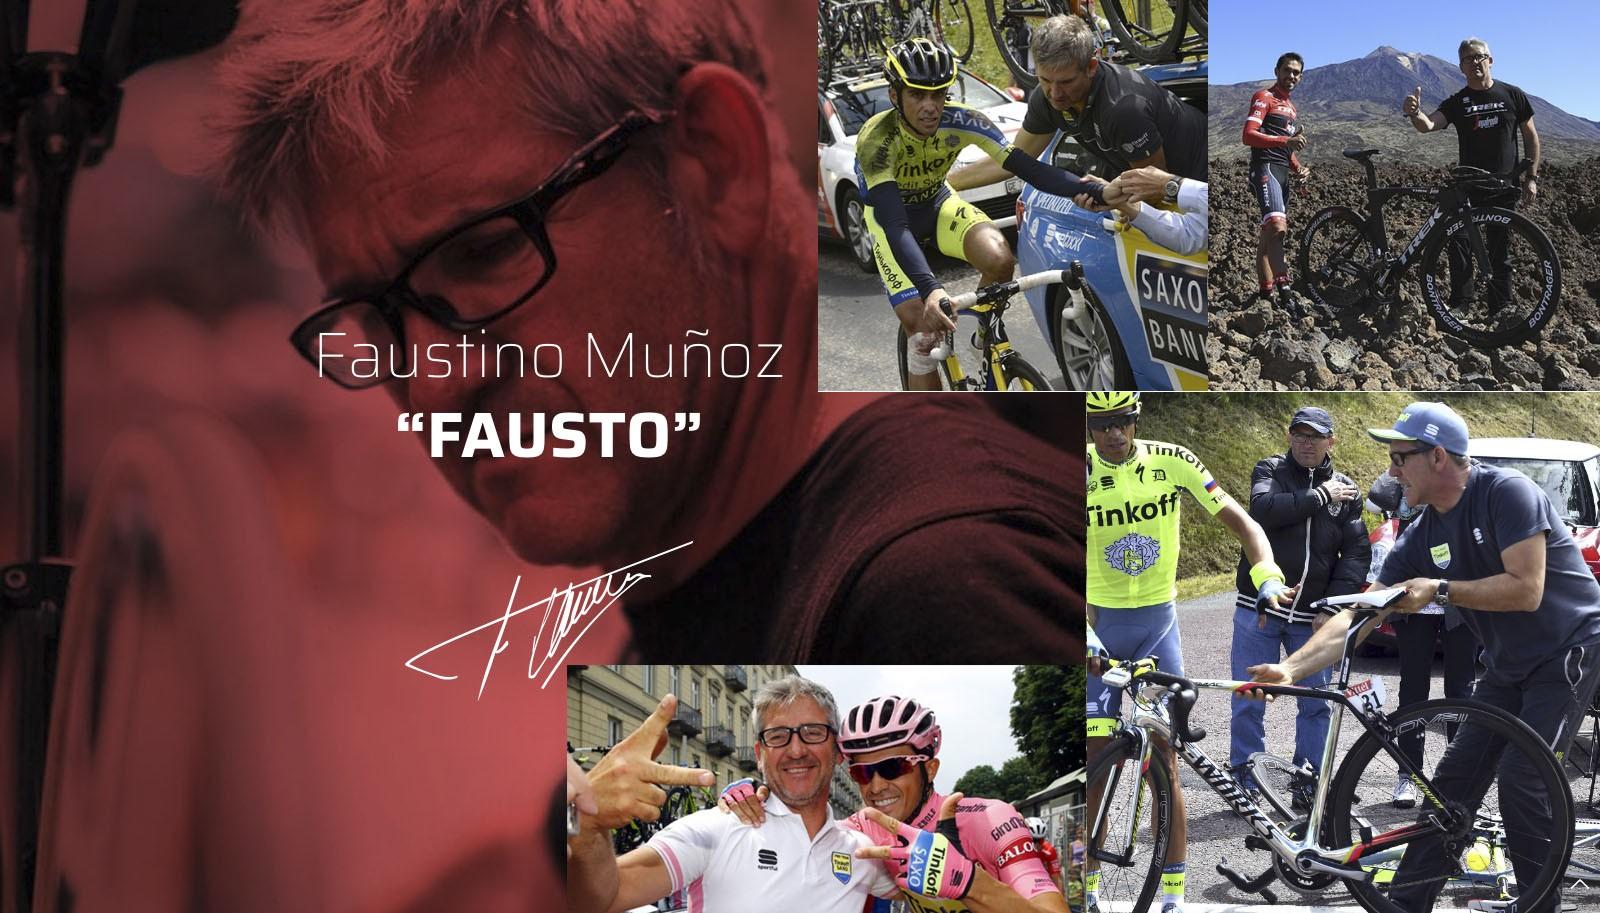 Presentación de Faustino